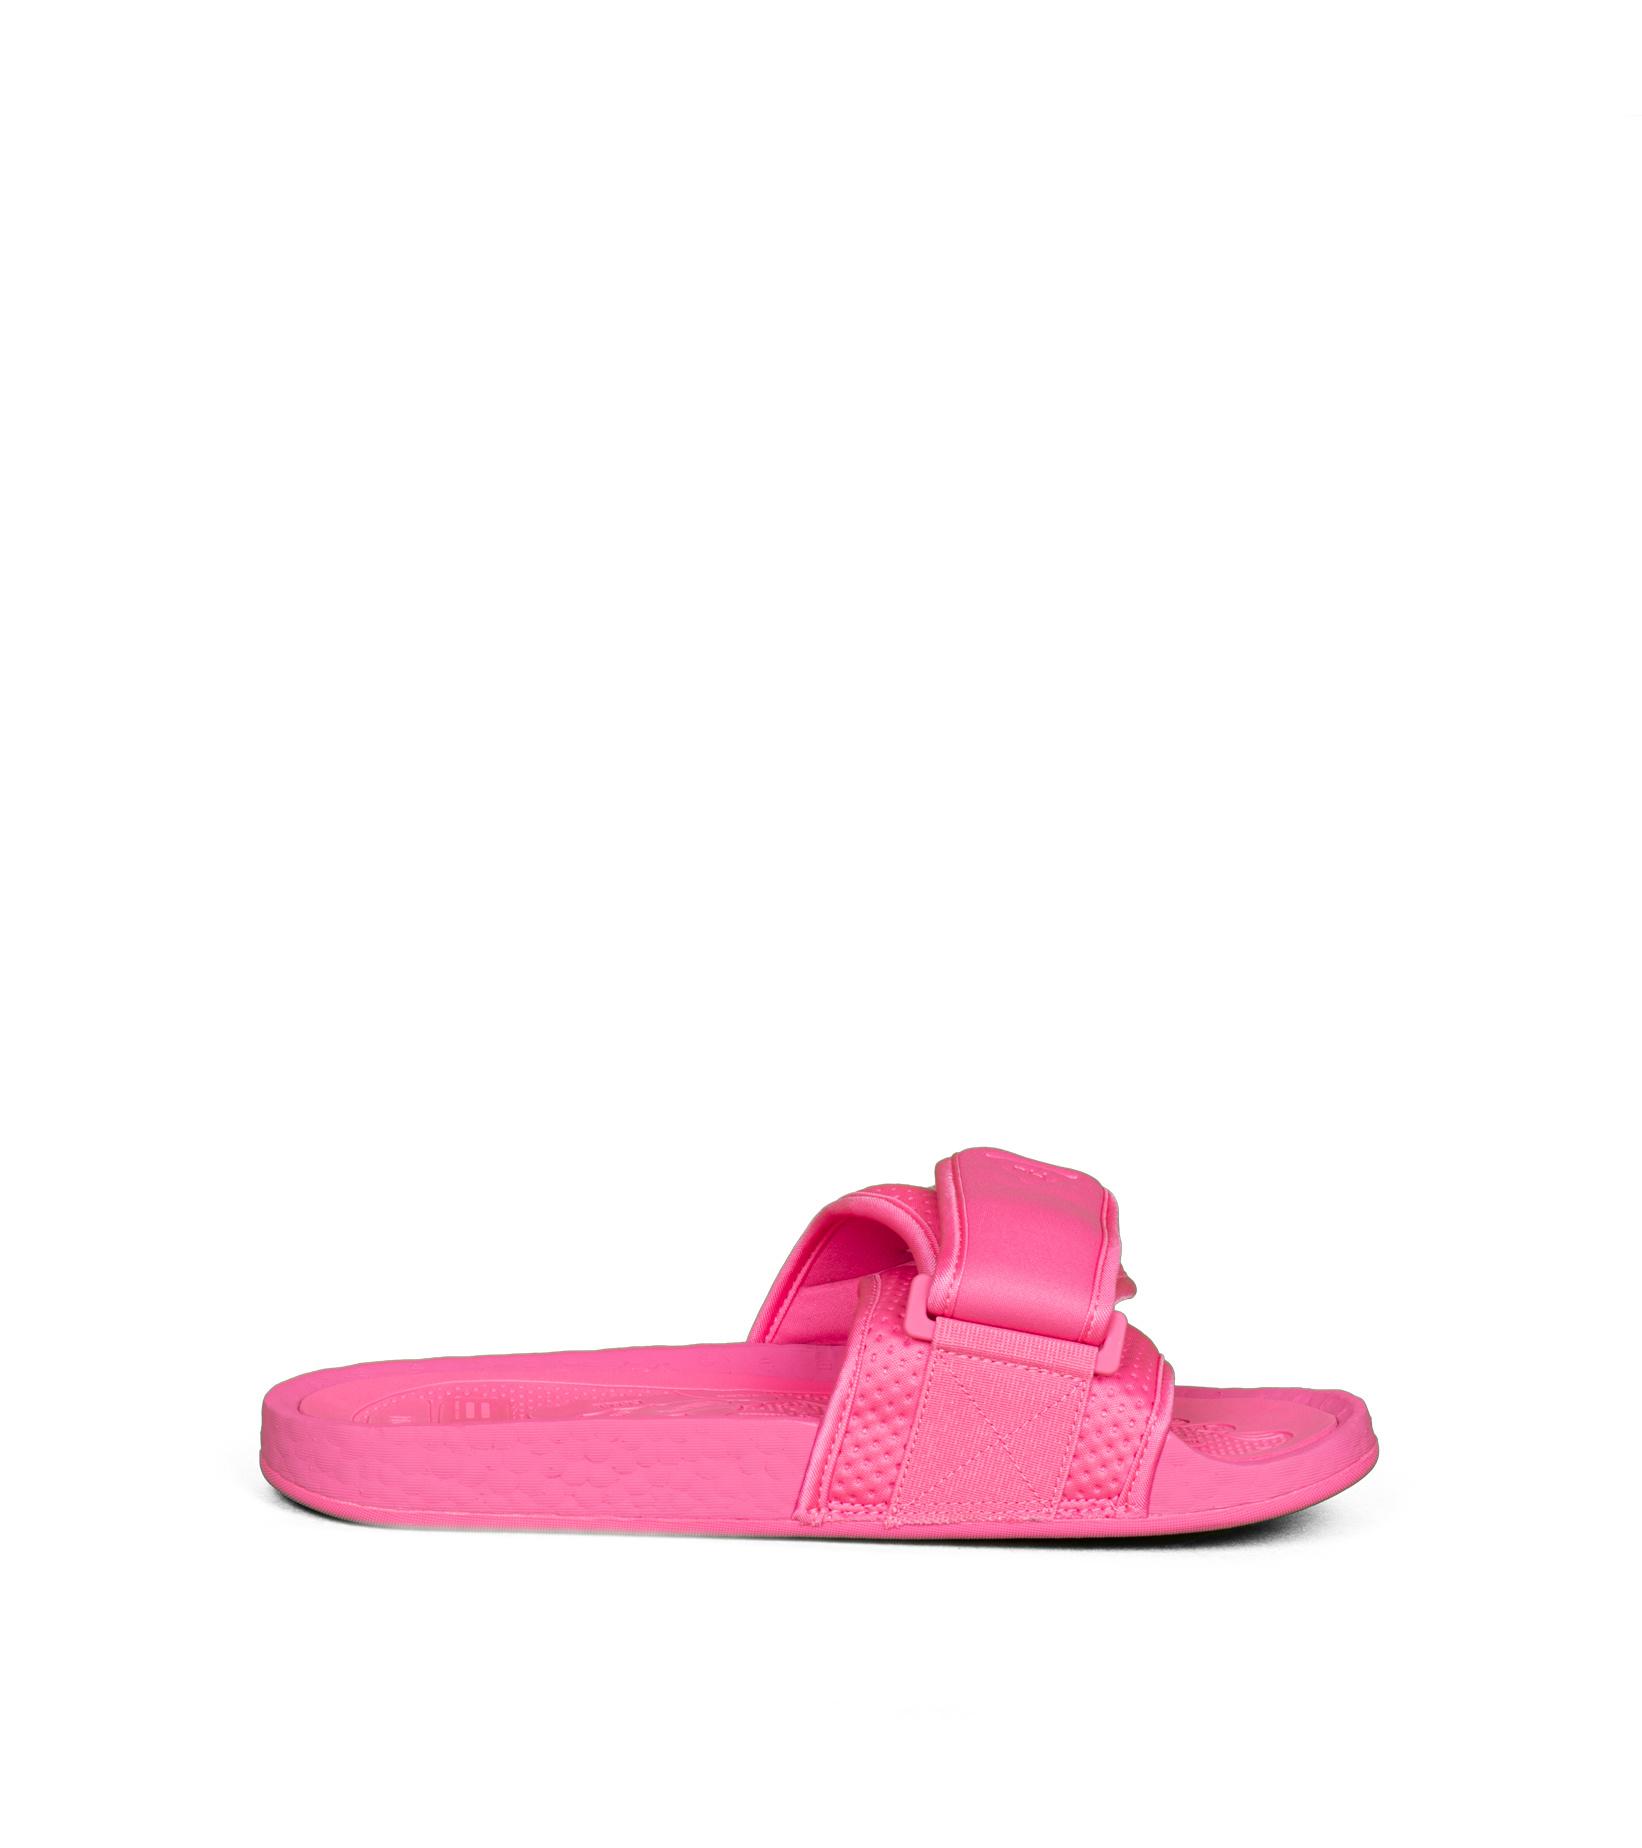 """Pw Boost Slides """"Semi Solar Pink""""-4"""